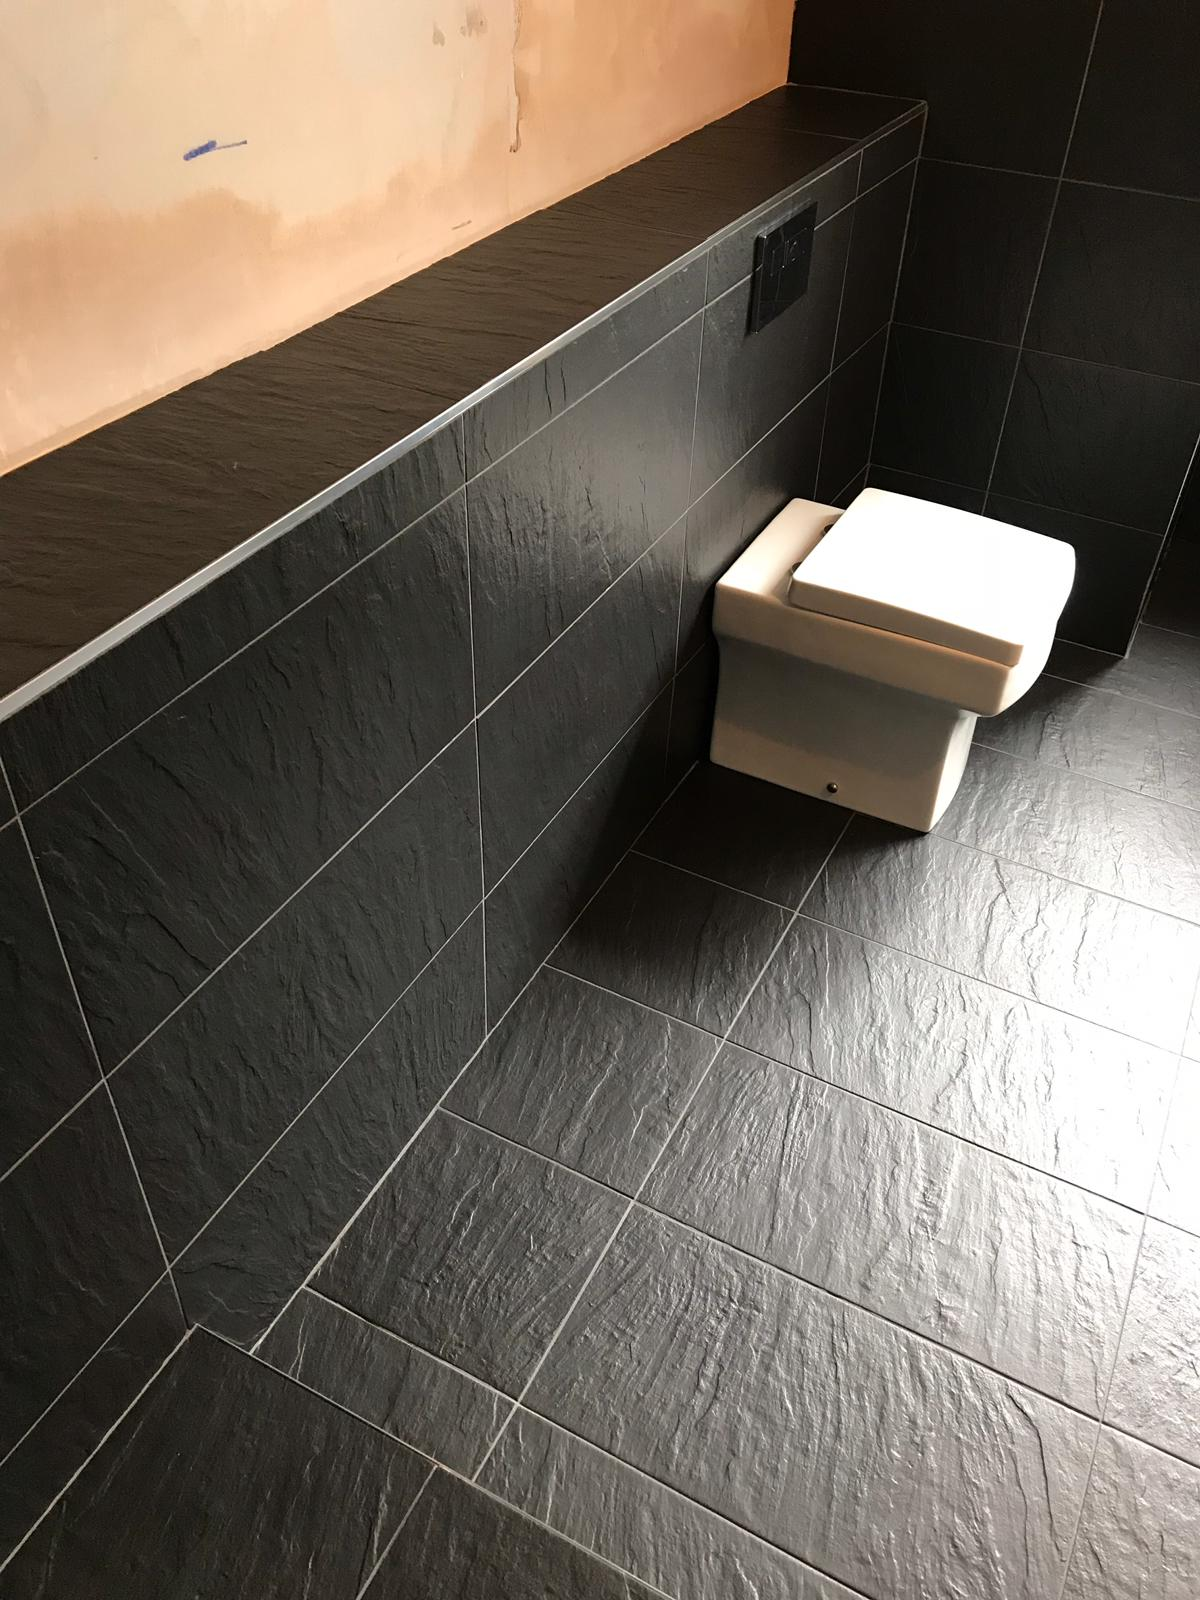 Black Porcelain Bathroom Floor After Cleaning Stevenage